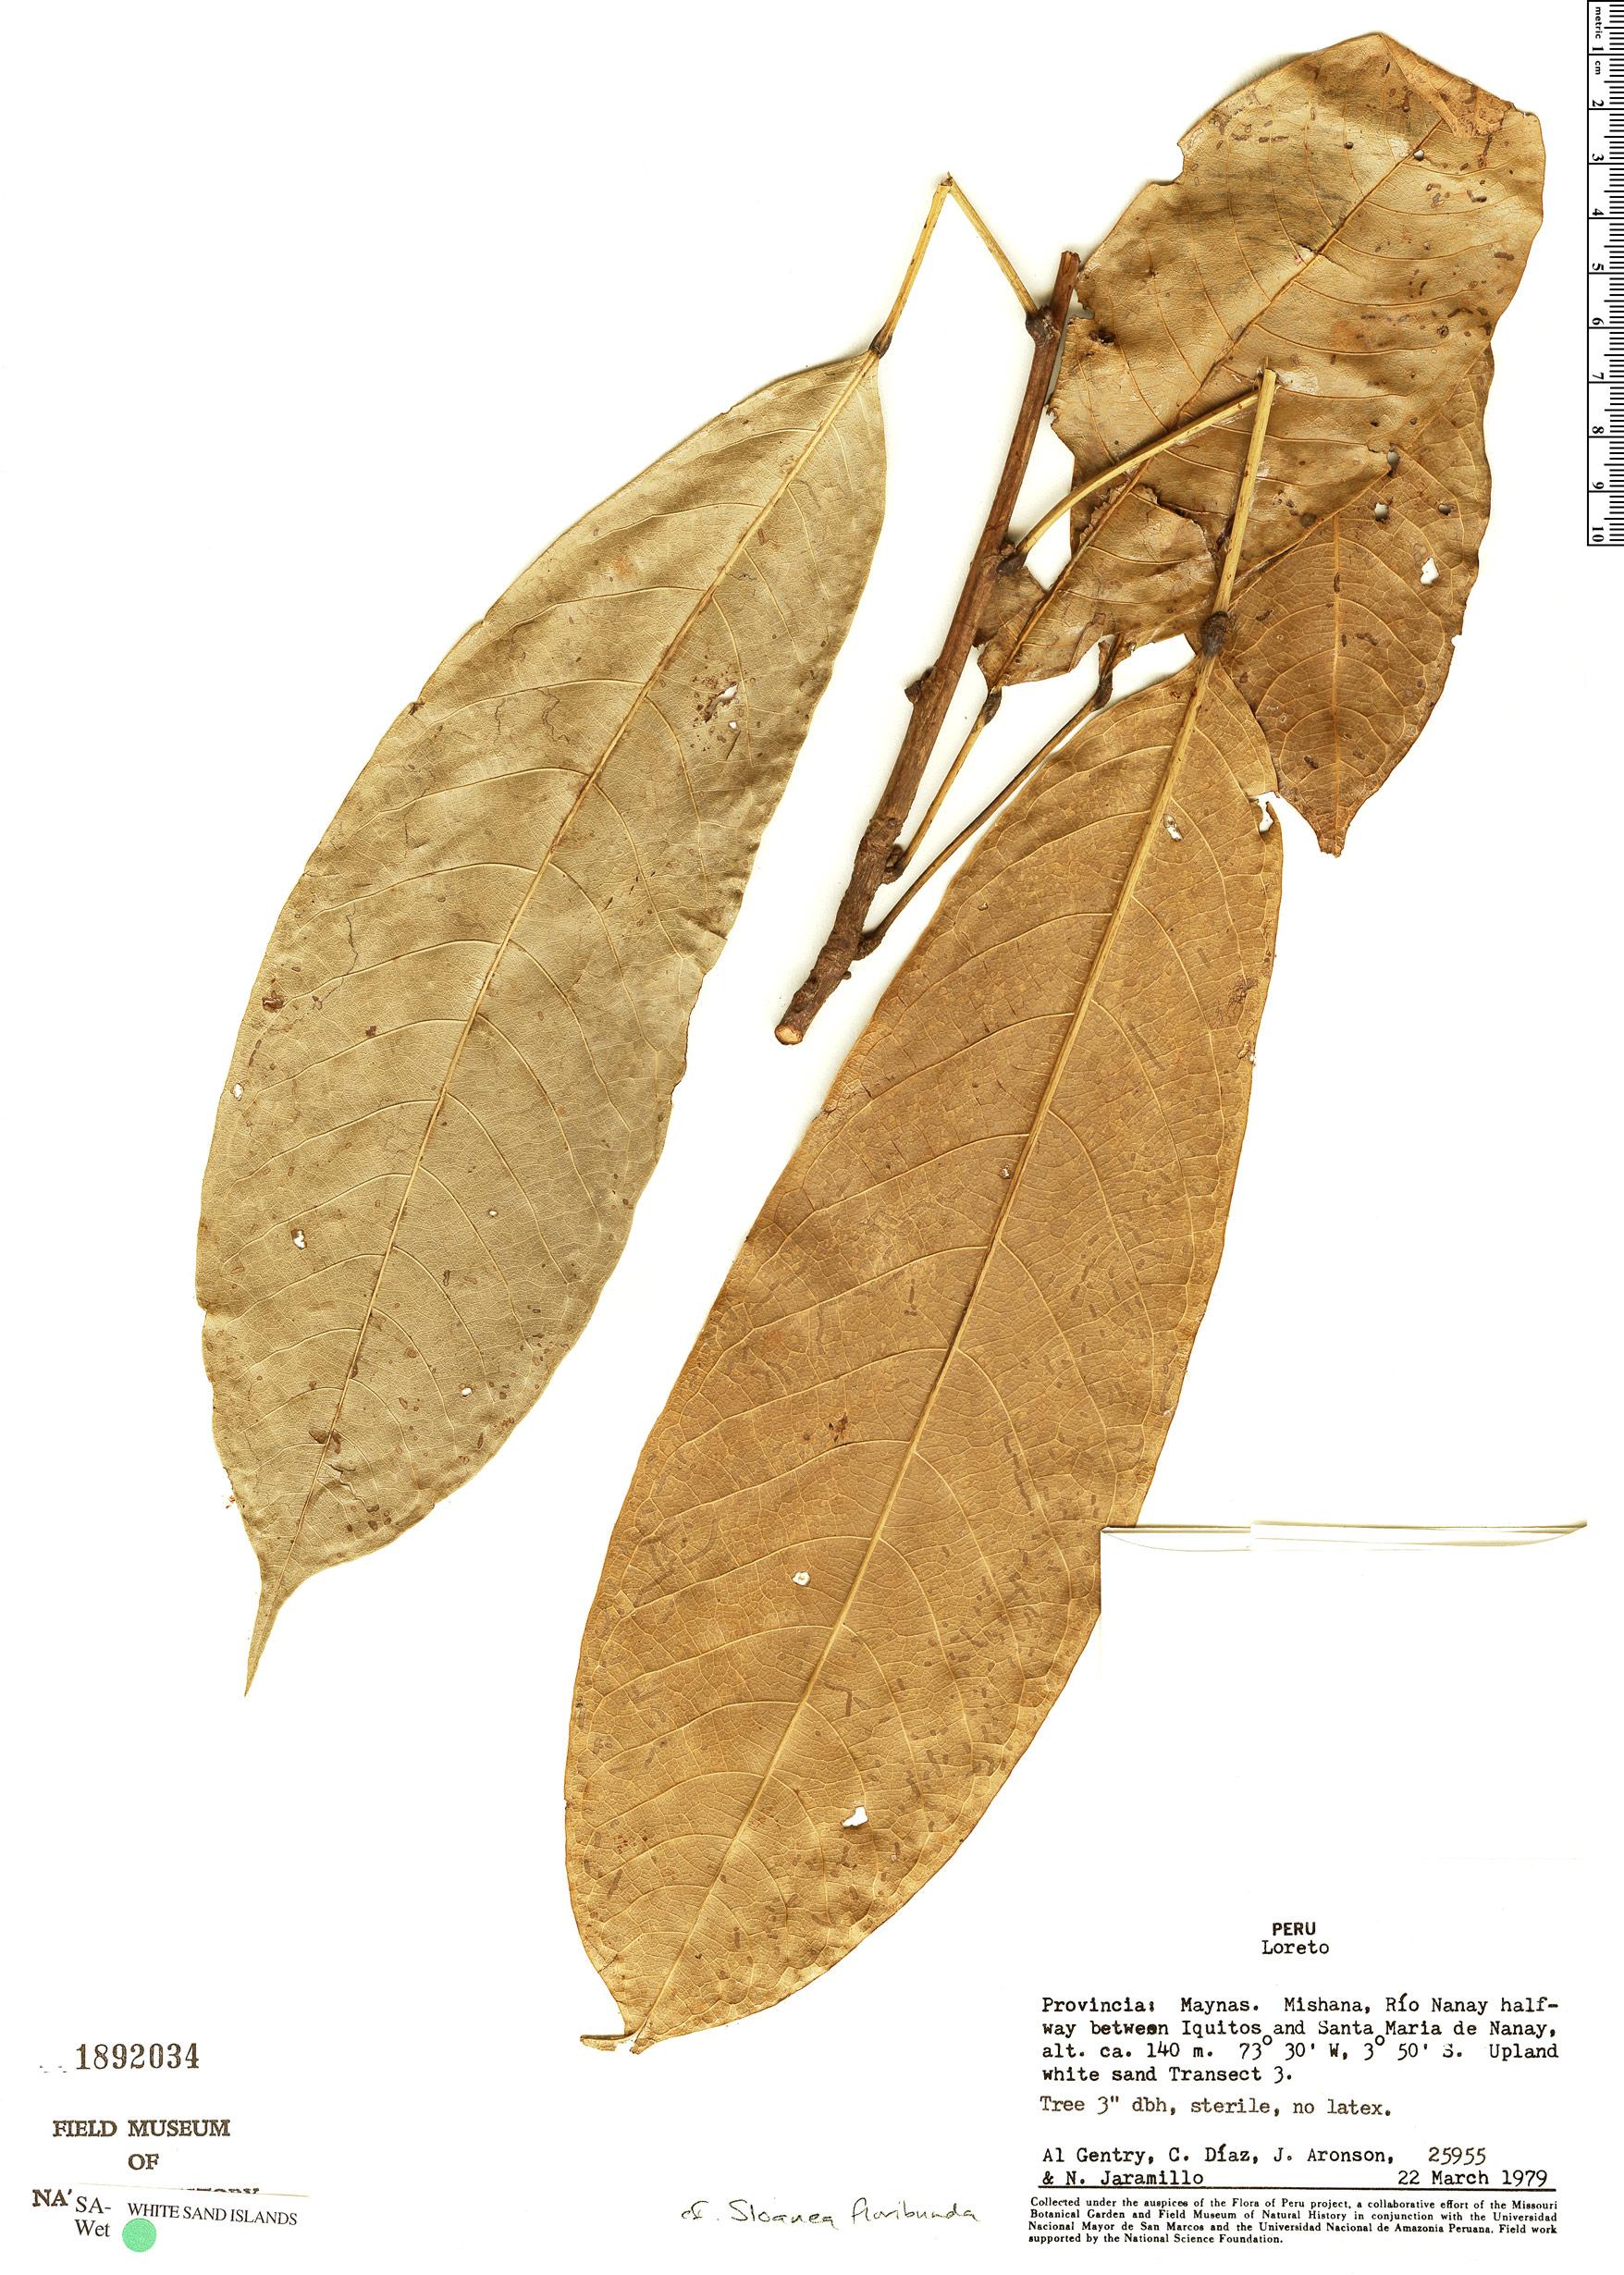 Specimen: Sloanea floribunda